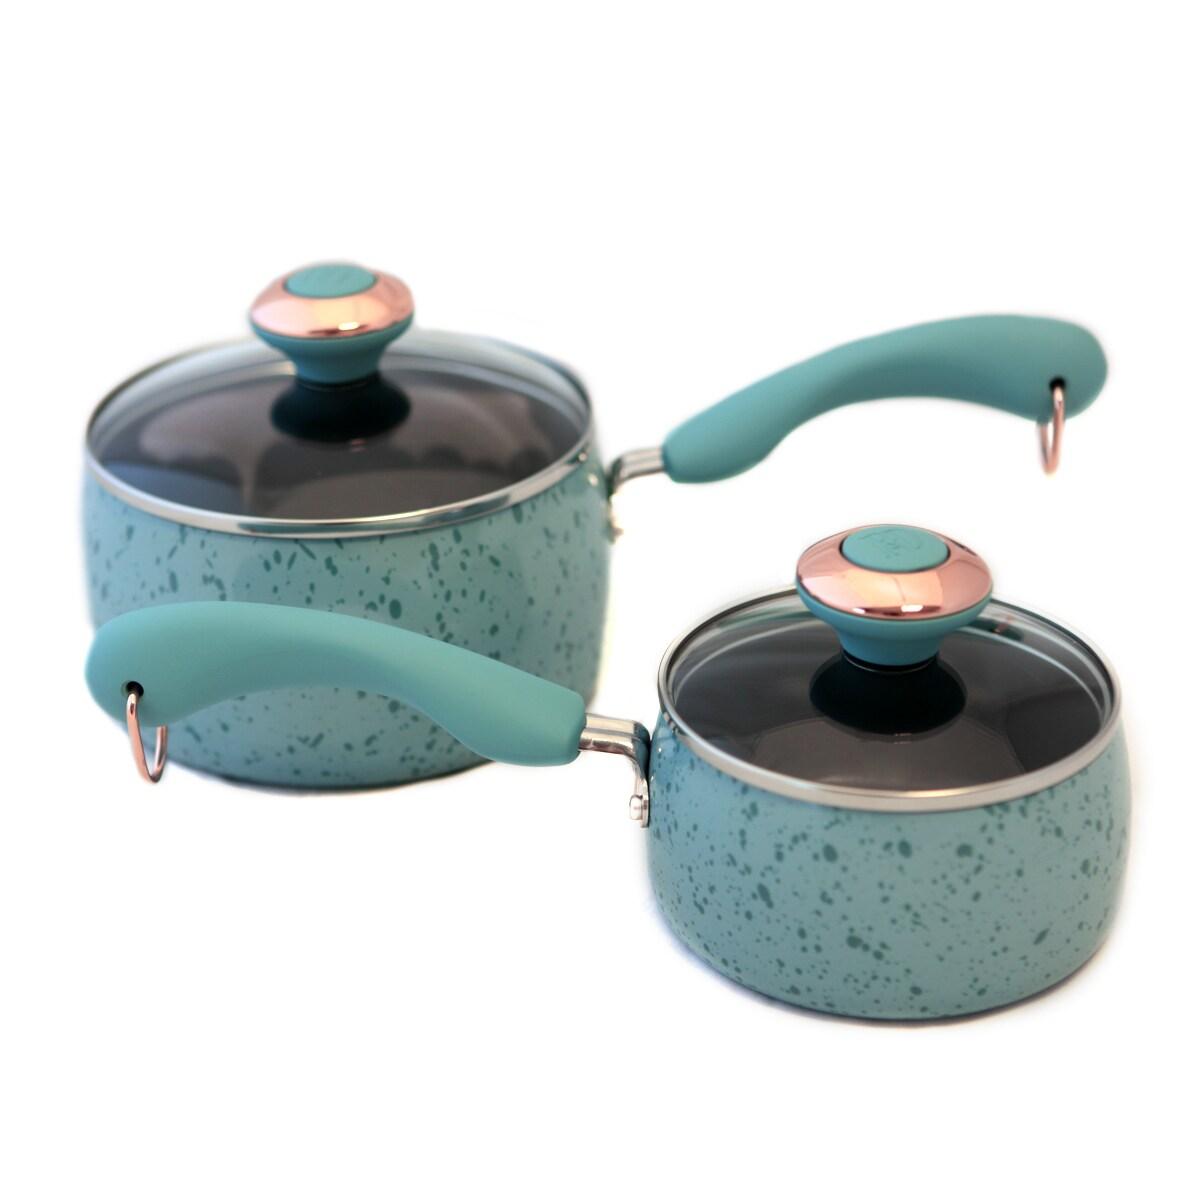 Paula Deen Signature Porcelain Robin's Egg Blue Saucepan Set